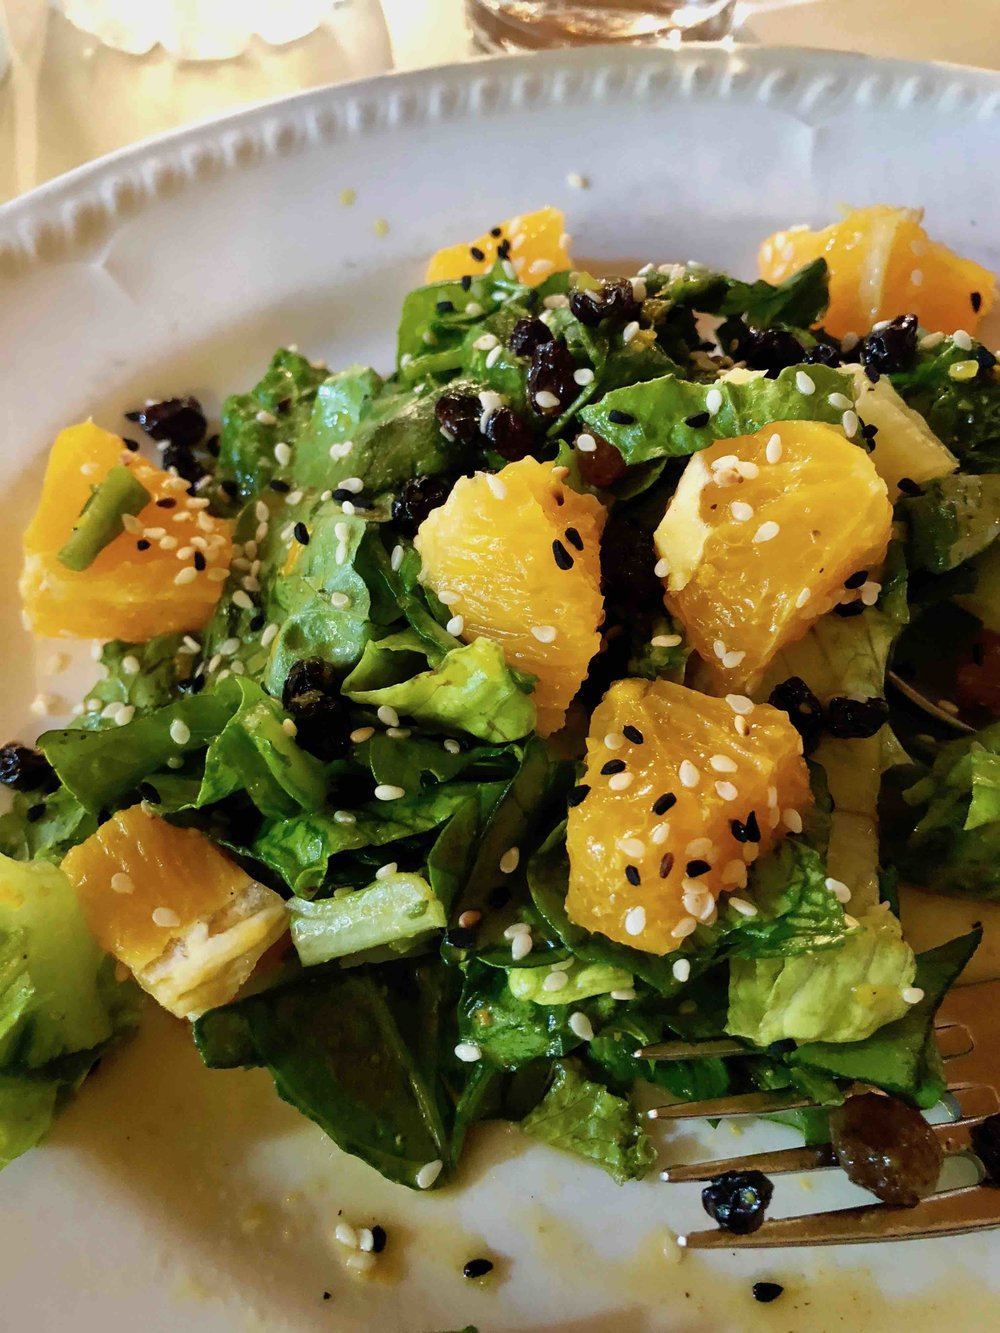 Oikeio - orange salad